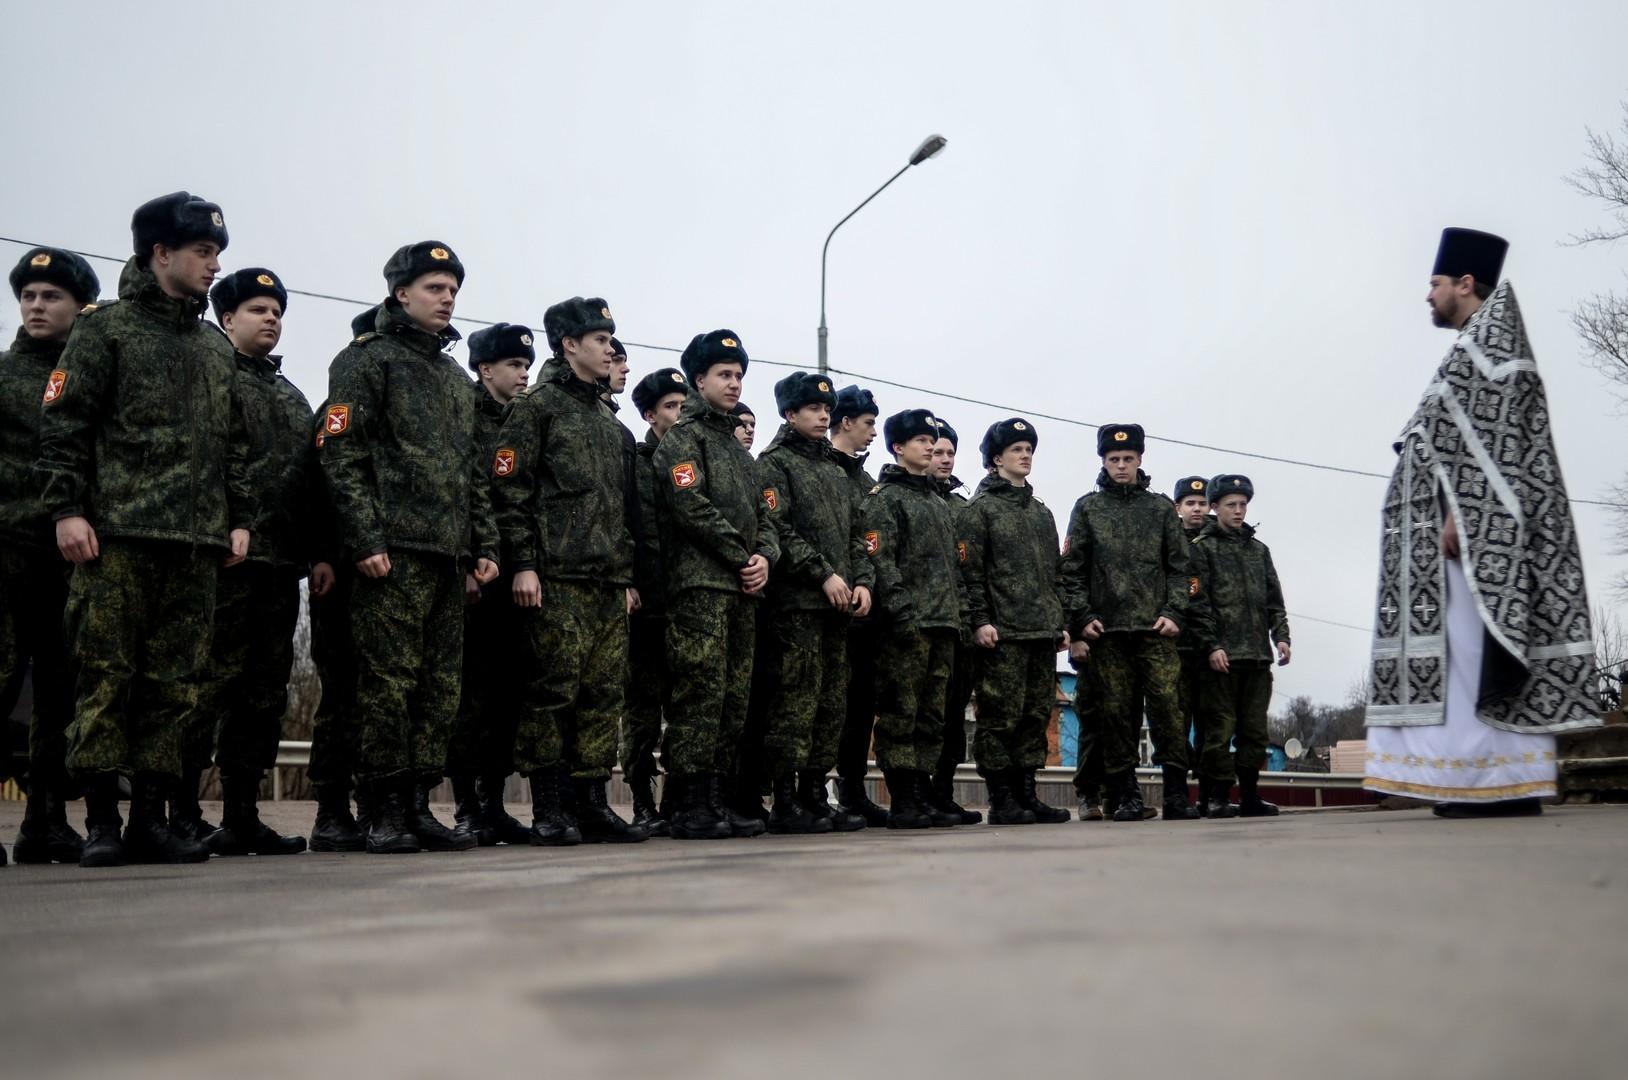 Zöglinge der Alexander-Newski-Kadettenschule vor einem Gottesdienst in der Prophet-Elija-Kathedrale in der Stadt Solzy im Gebiet Nowgorod.